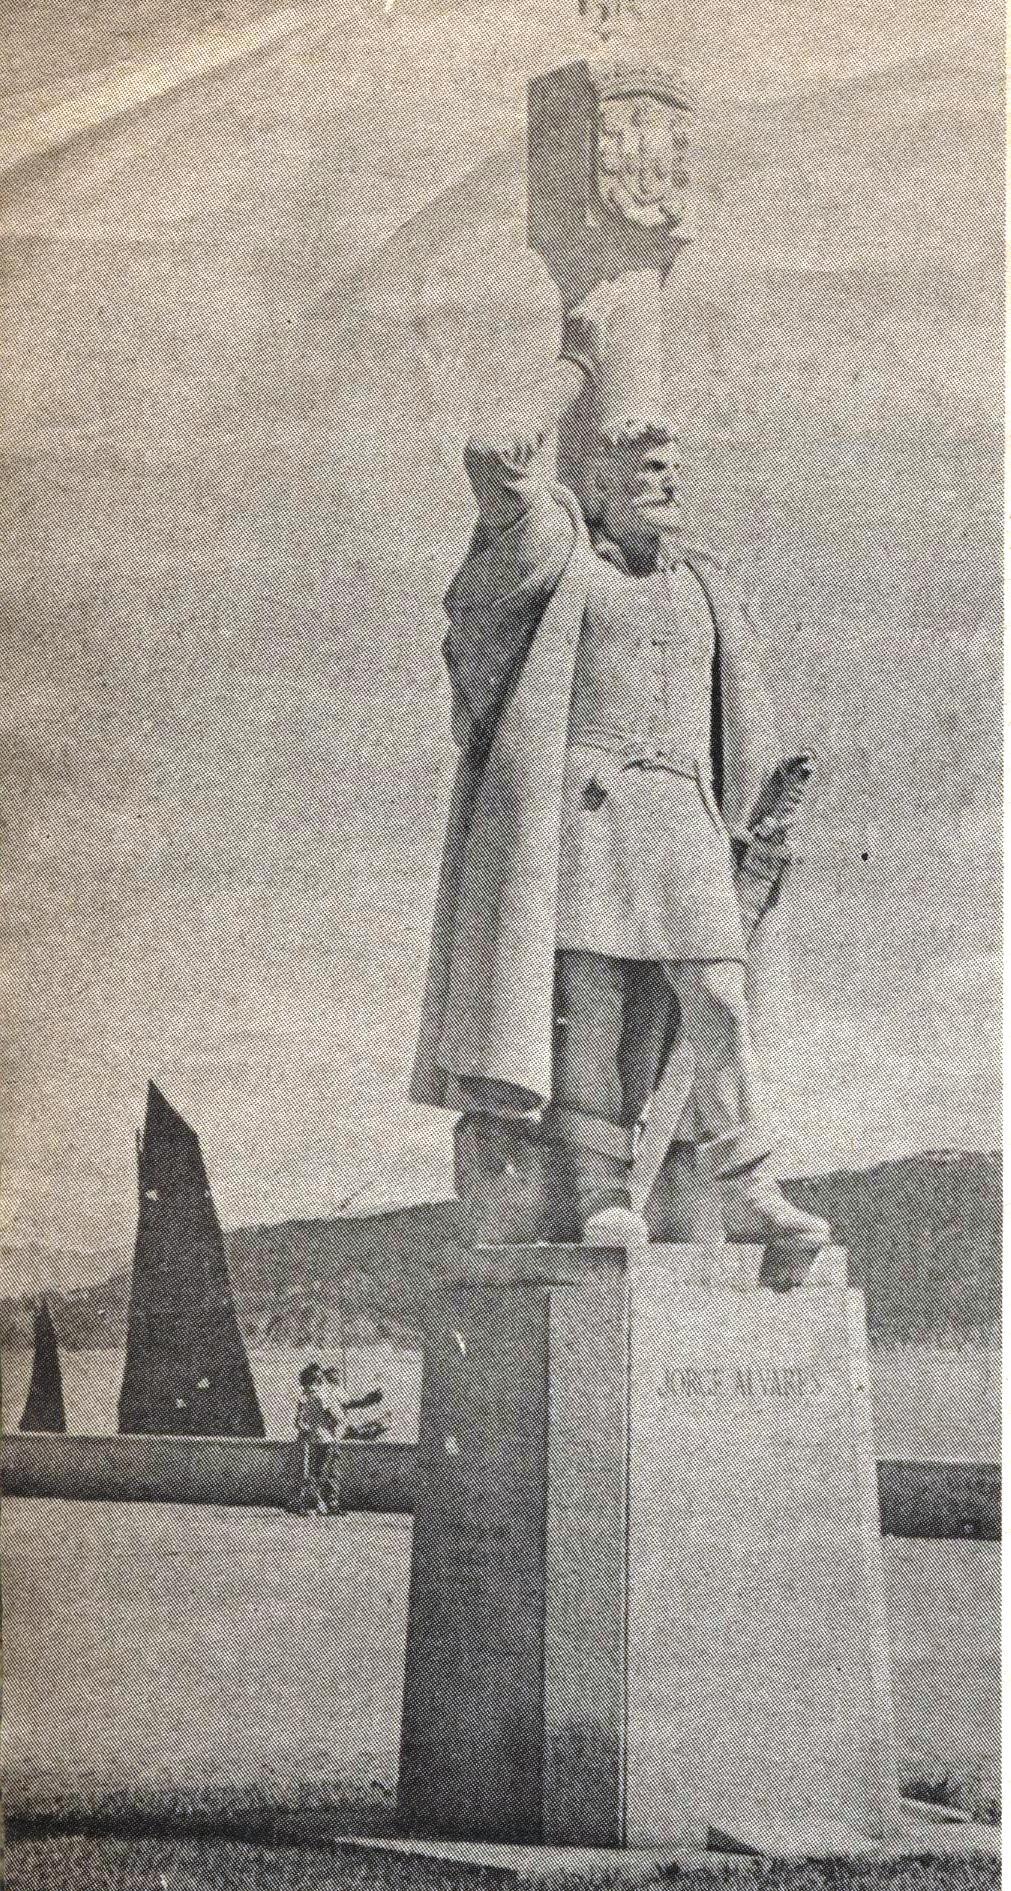 MONUMENTO Joge Alvares 1960